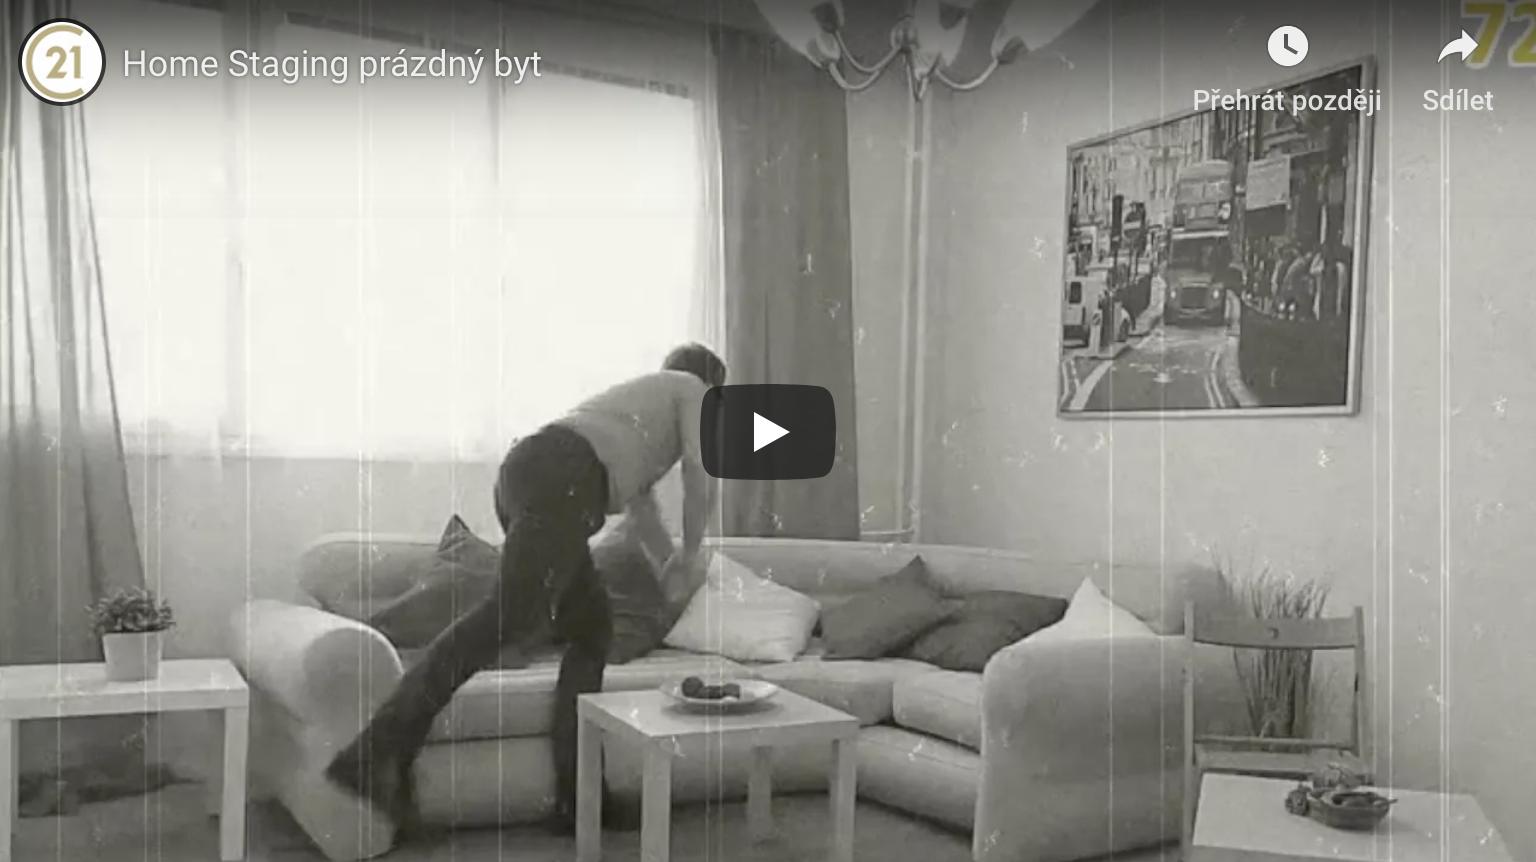 Příprava bytu k prodeji – Prázdný byt